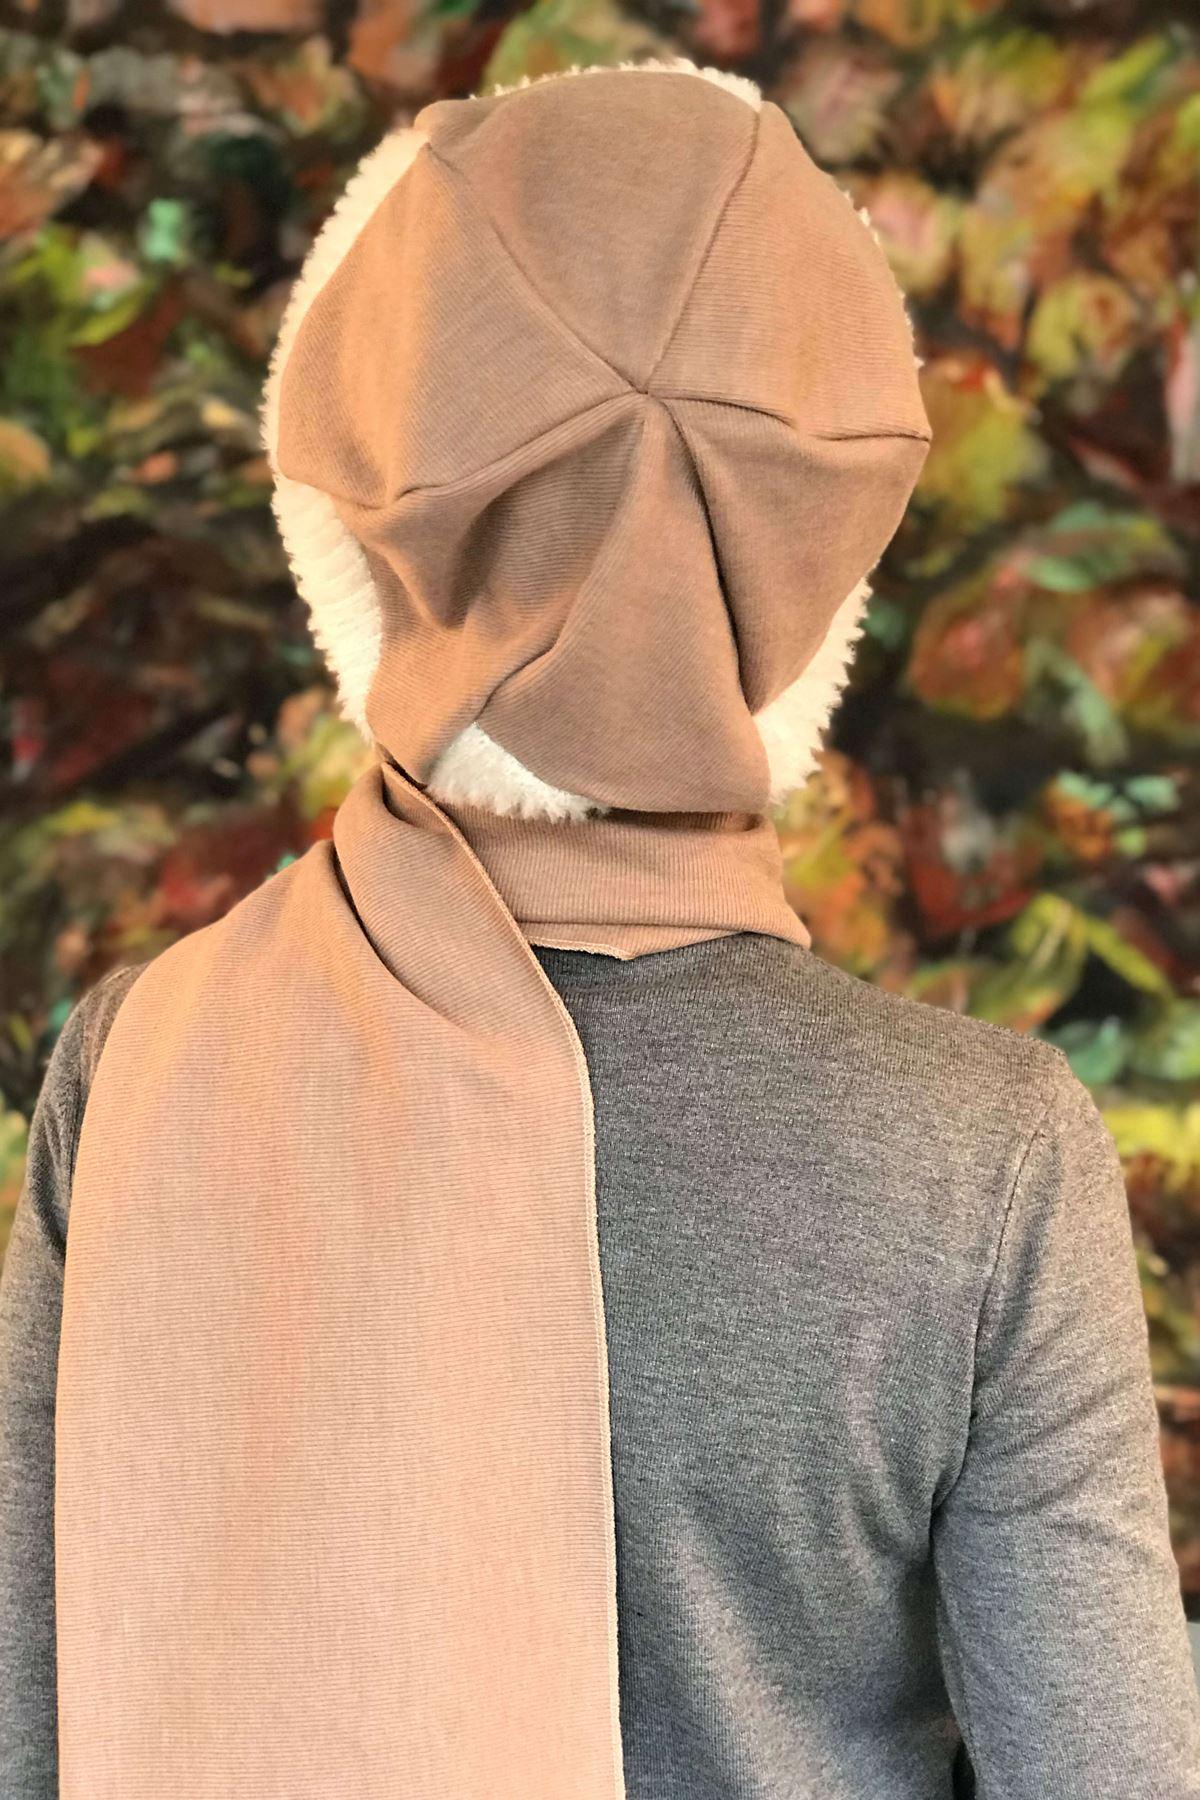 Bej Rengi Tokalı Krem Çarkıfelek Desenli Kendinden Atkılı Şapka Şal